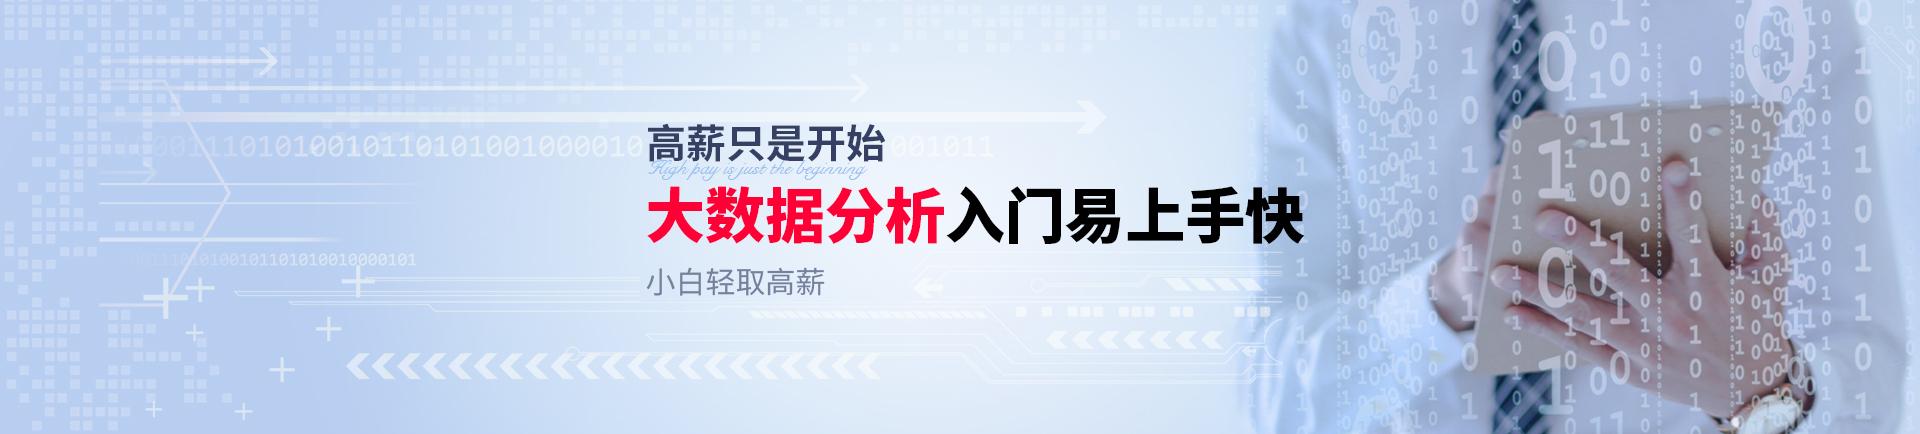 大数�分�入门易上手快 �白轻�年薪30W-hangzhou